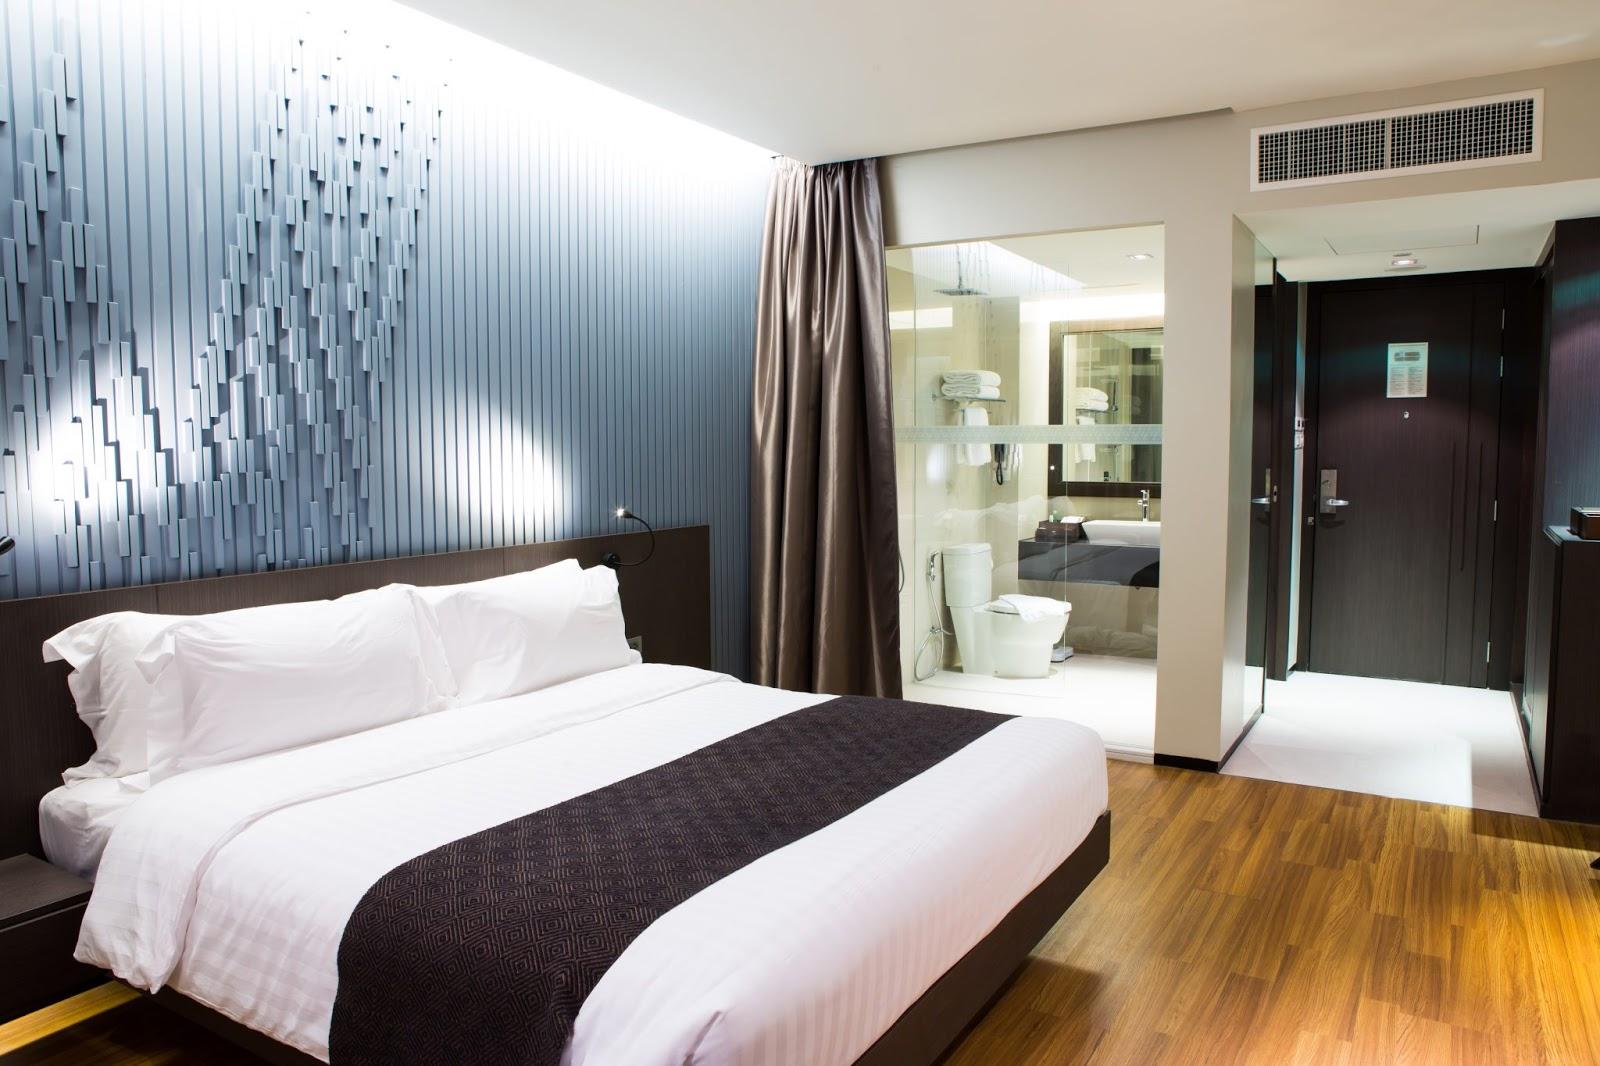 Camere Dalbergo Più Belle Del Mondo : Camera dalbergo: guida per controllare la qualità della stanza